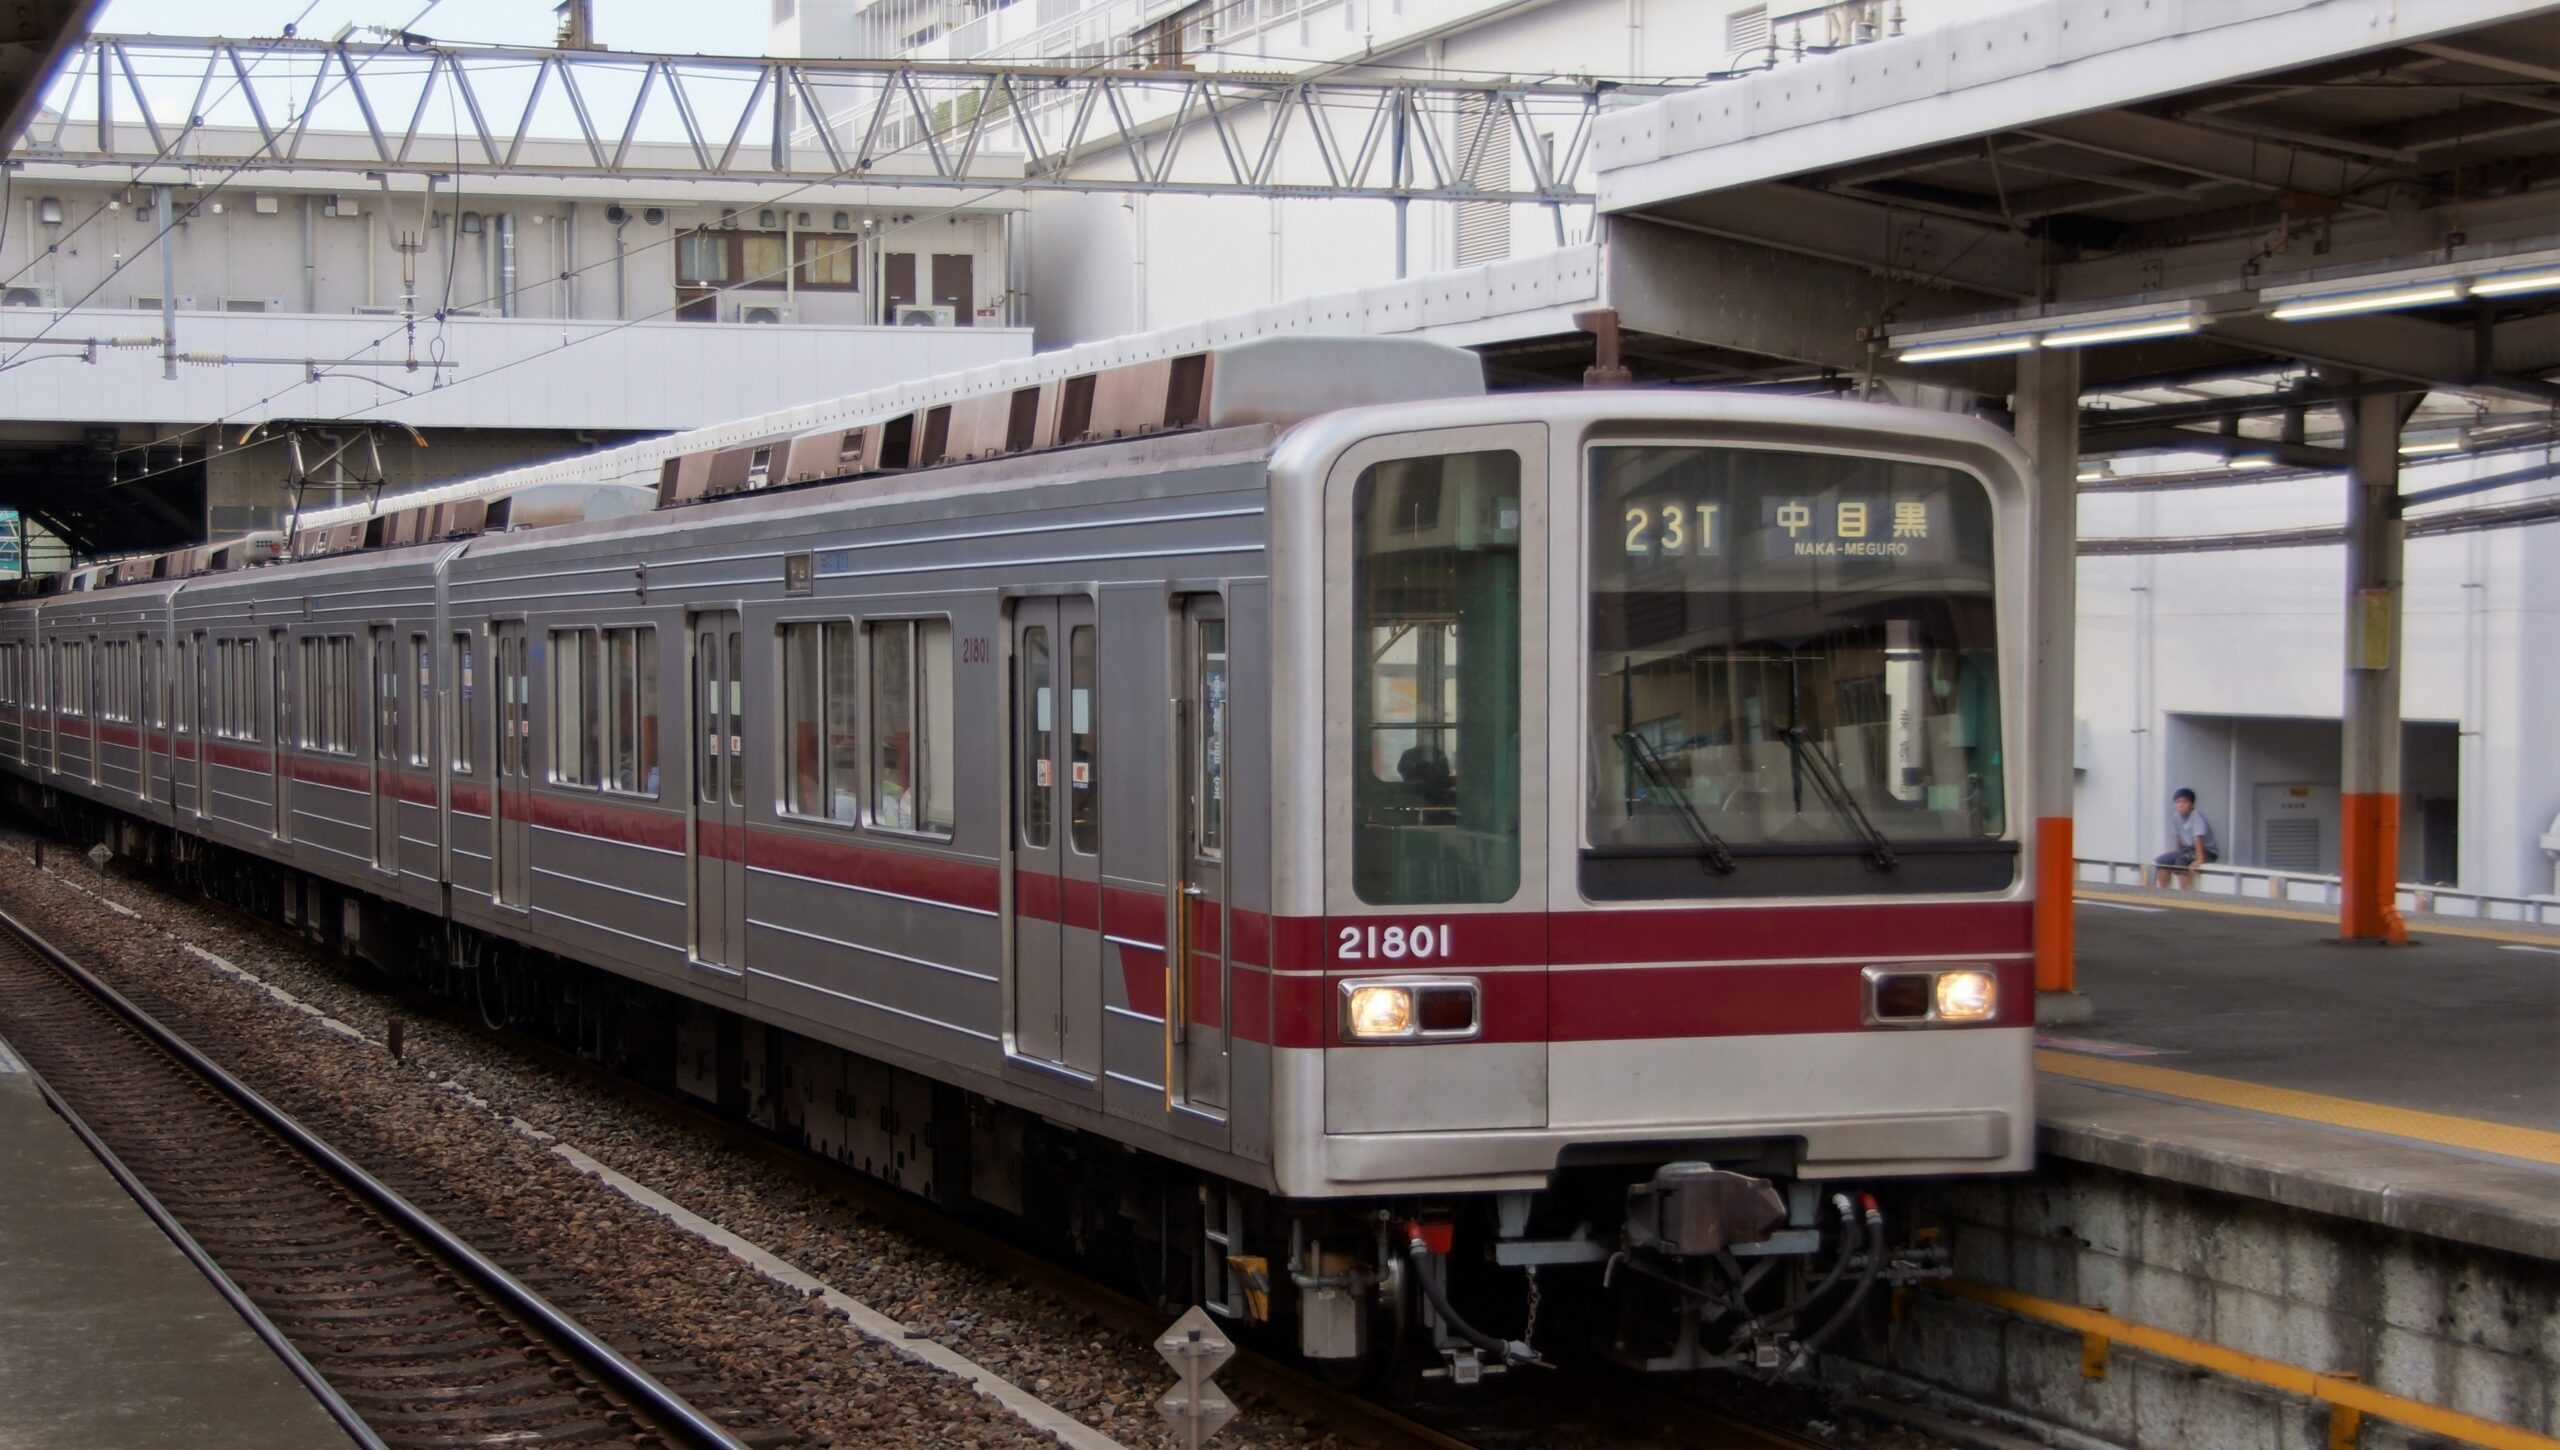 【25年ぶり東武車両譲渡へ】東武20000系列が中間車改造後、地方私鉄アルピコ交通へ!